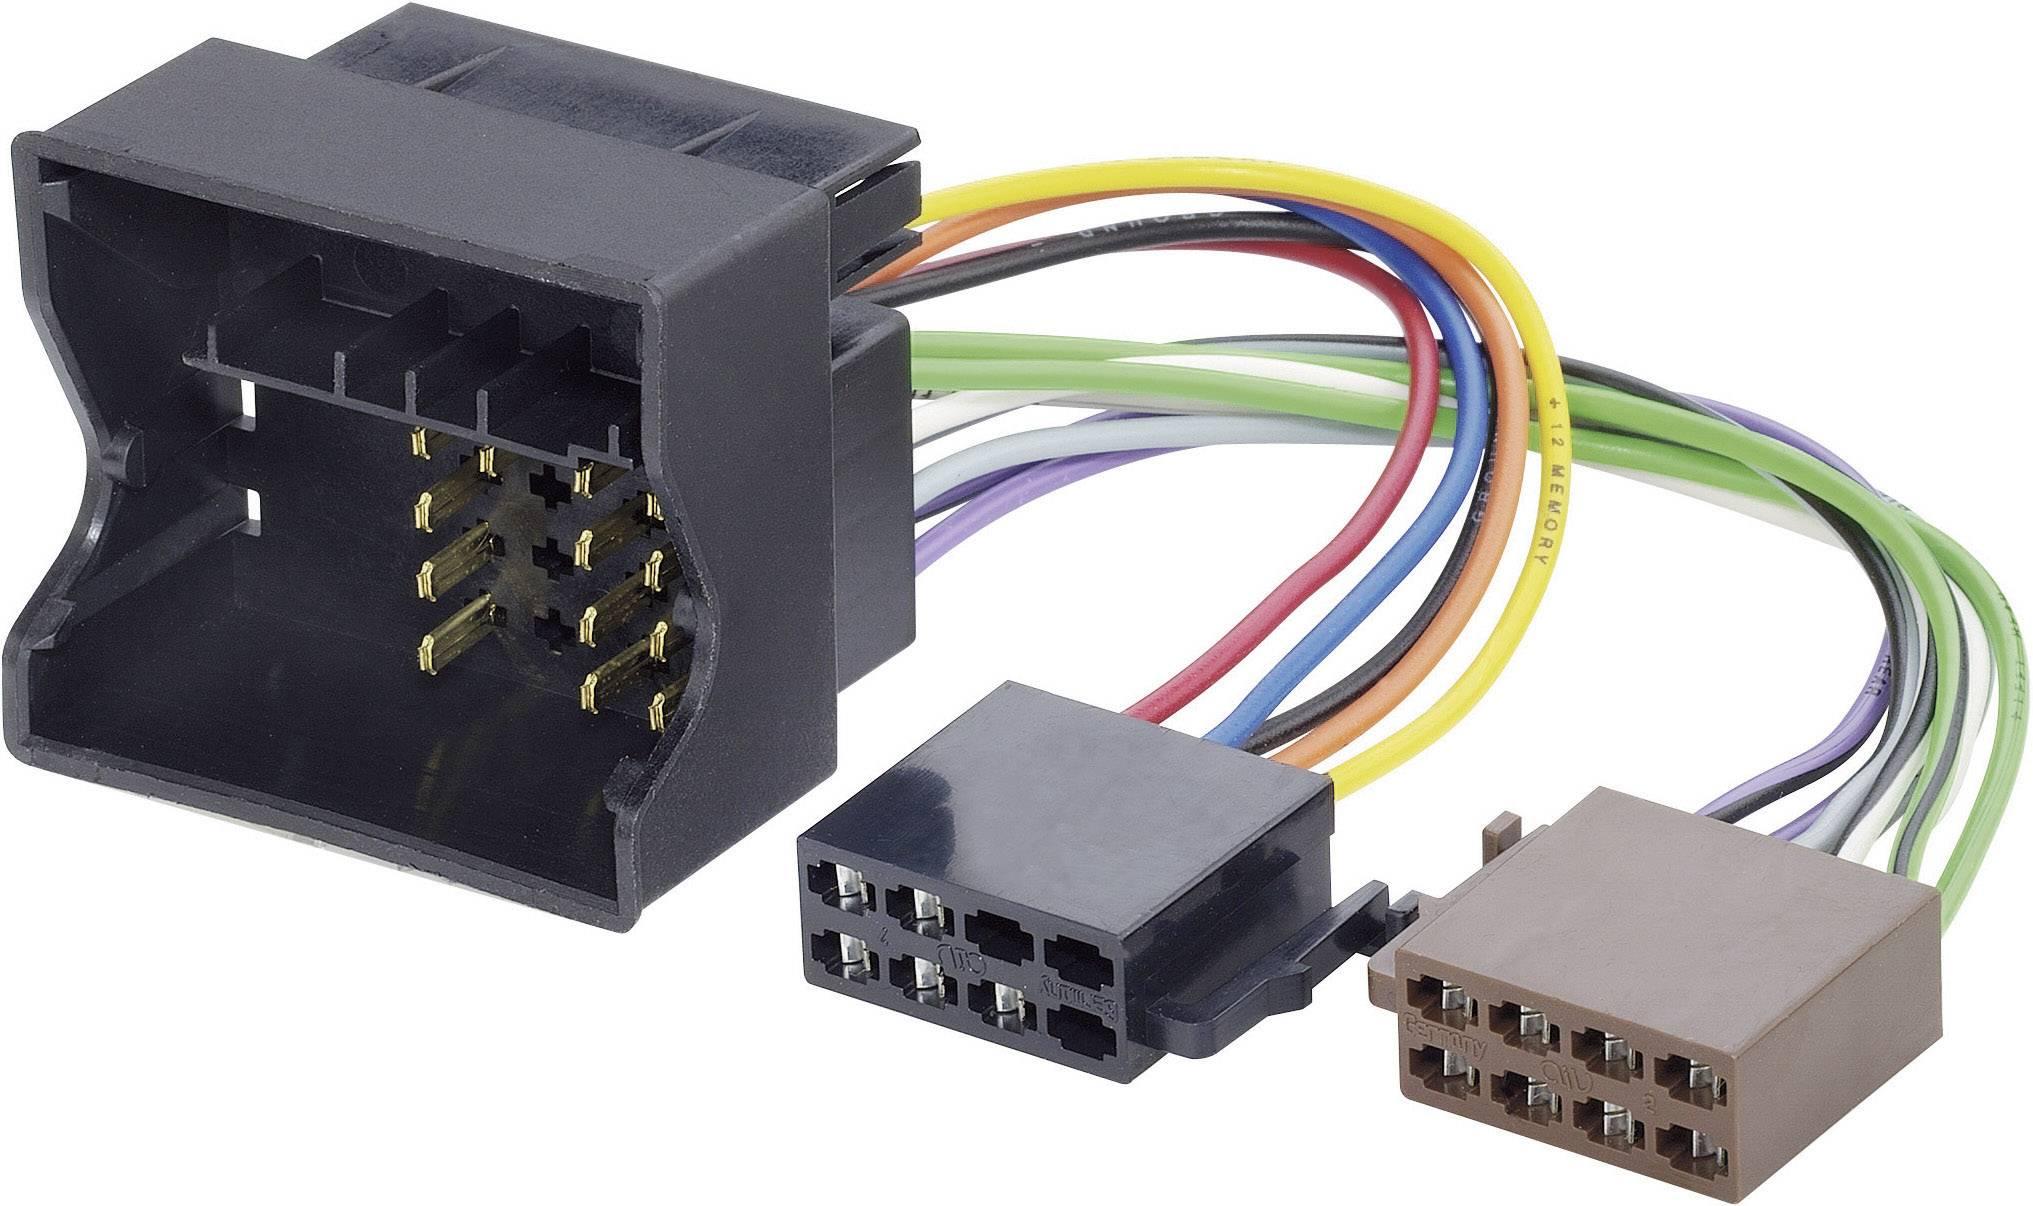 ISO adaptérový kábel pre autorádio AIV 41C629 vhodné pre autá Volkswagen